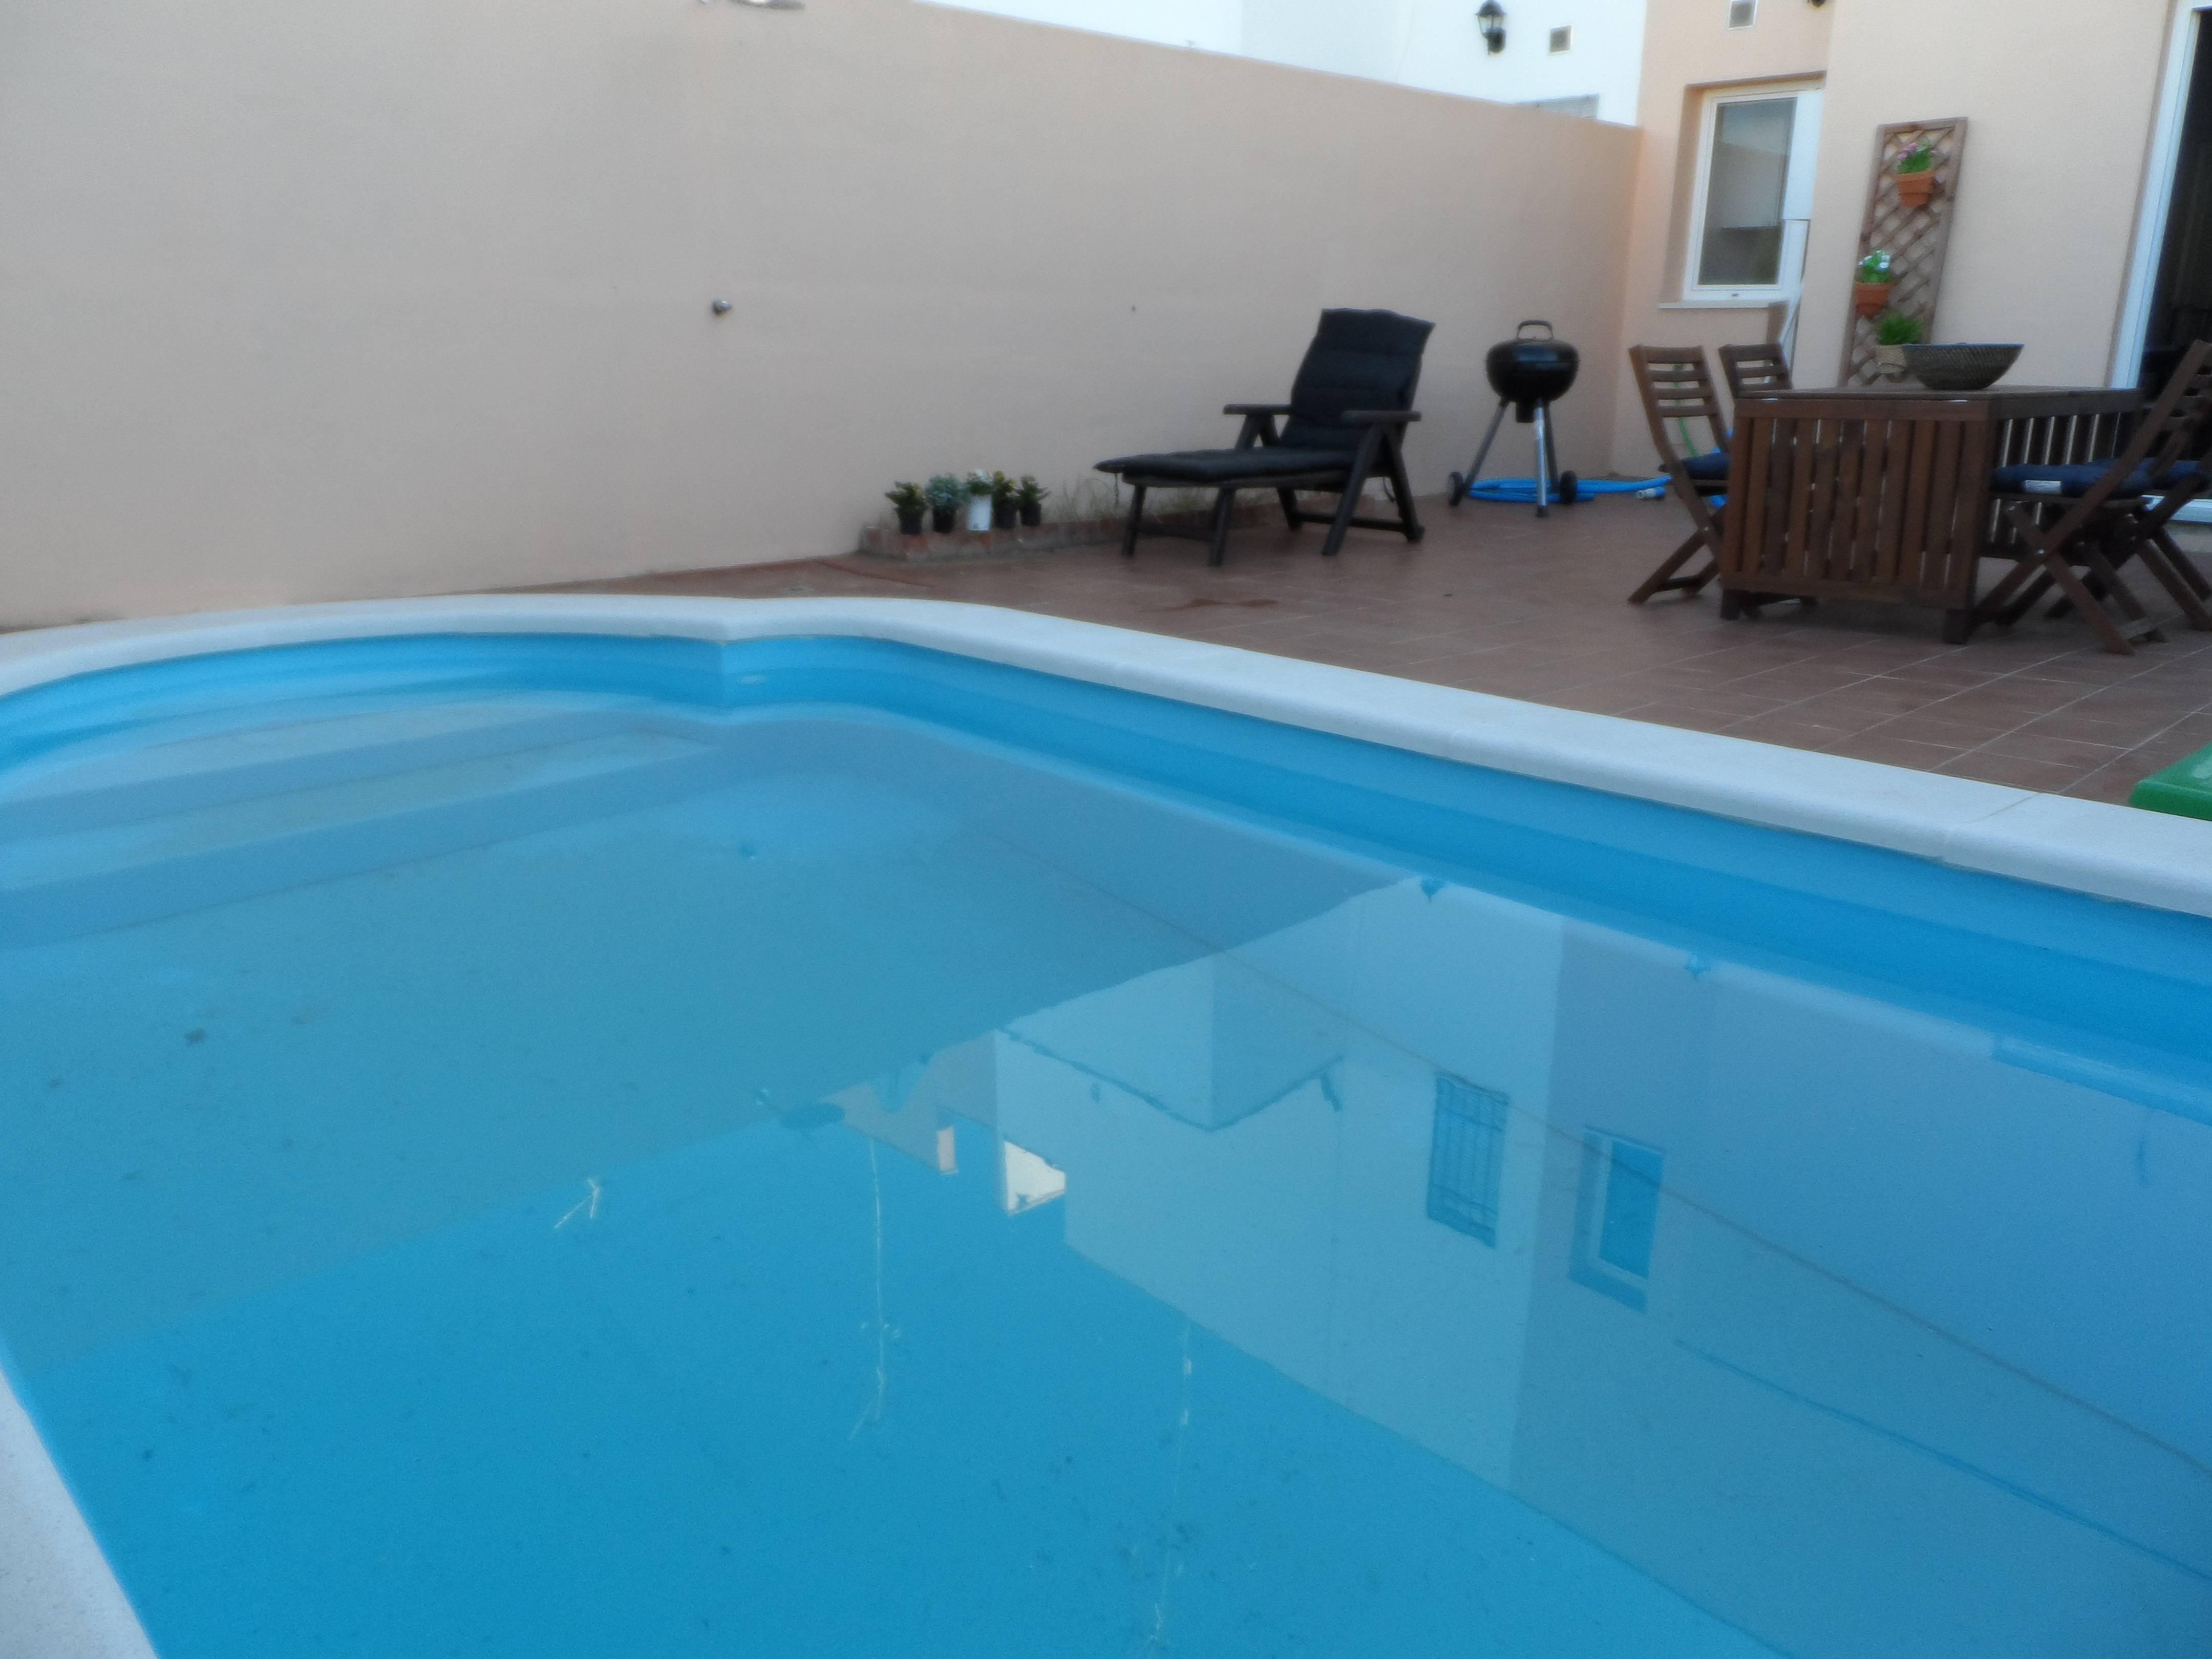 Alquiler apartamentos vacacionales en umbrete sevilla y for Alquiler casa vacaciones sevilla